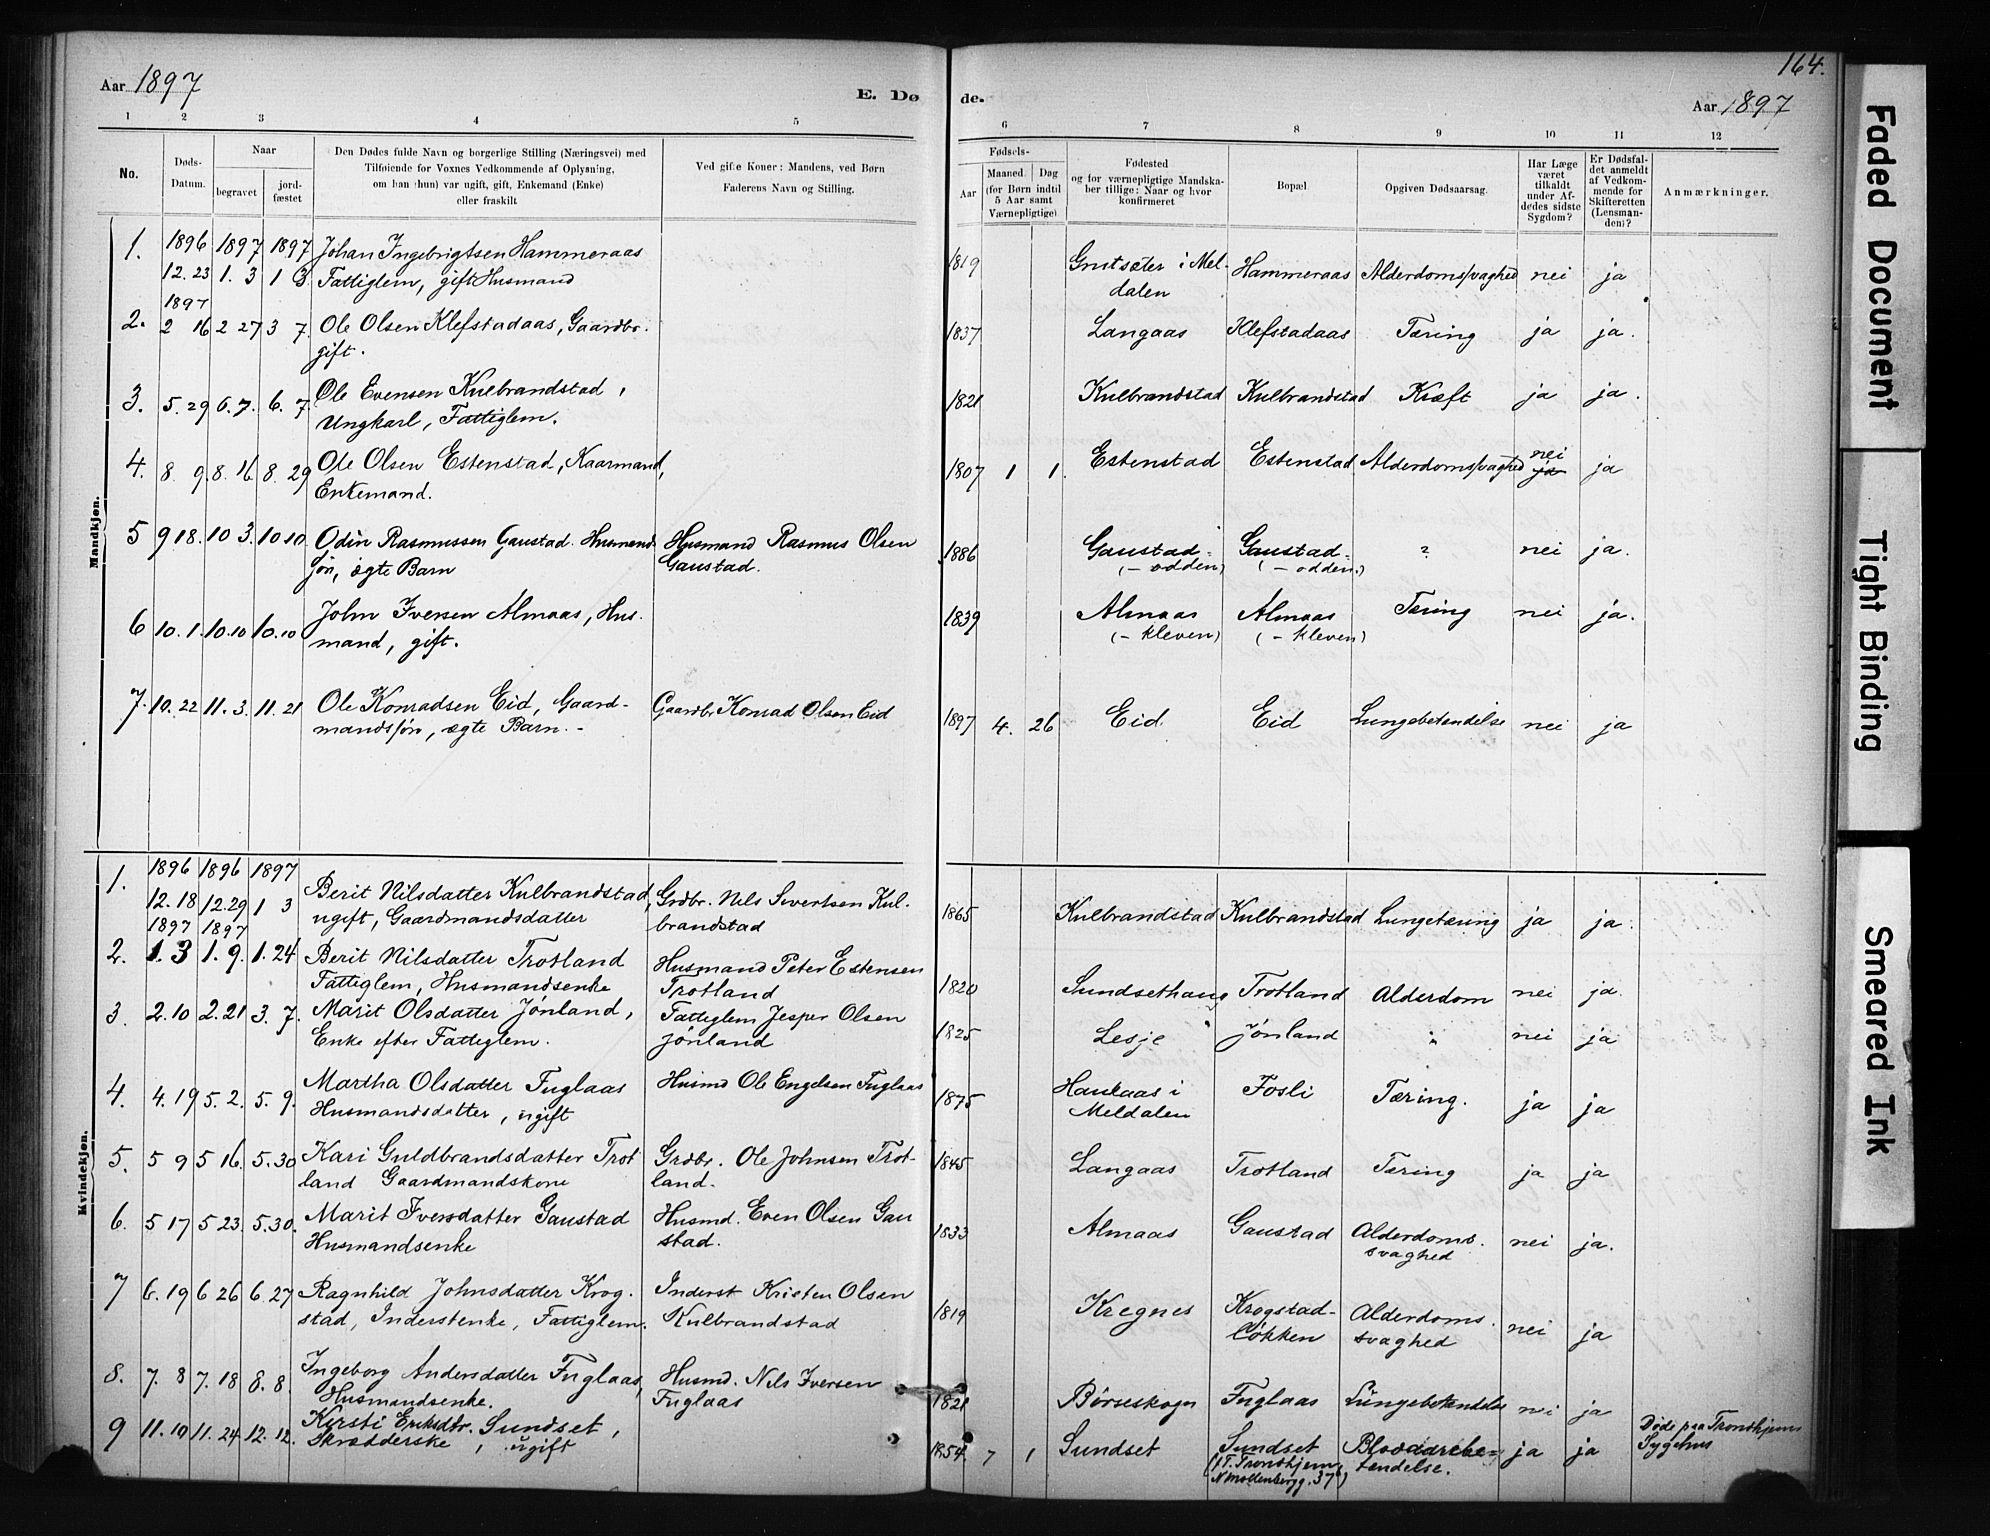 SAT, Ministerialprotokoller, klokkerbøker og fødselsregistre - Sør-Trøndelag, 694/L1127: Ministerialbok nr. 694A01, 1887-1905, s. 164